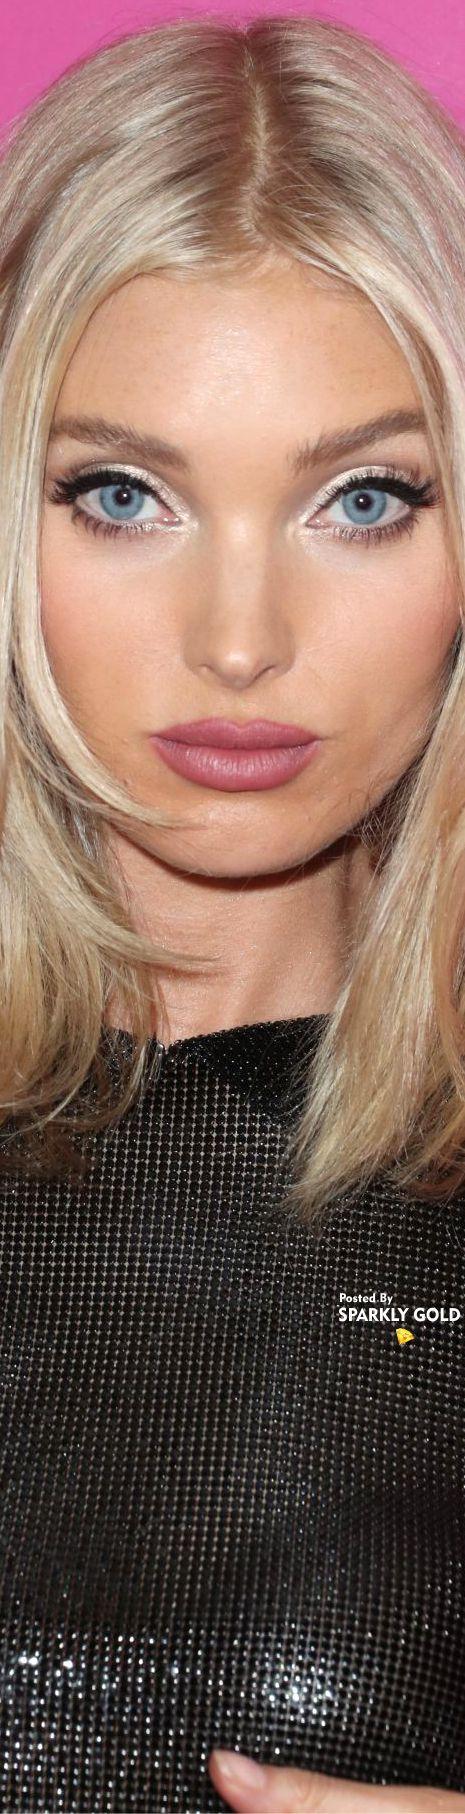 Elsa hoskvictorias secret 2017 after party makeup looks to elsa hoskvictorias secret 2017 after party baditri Image collections